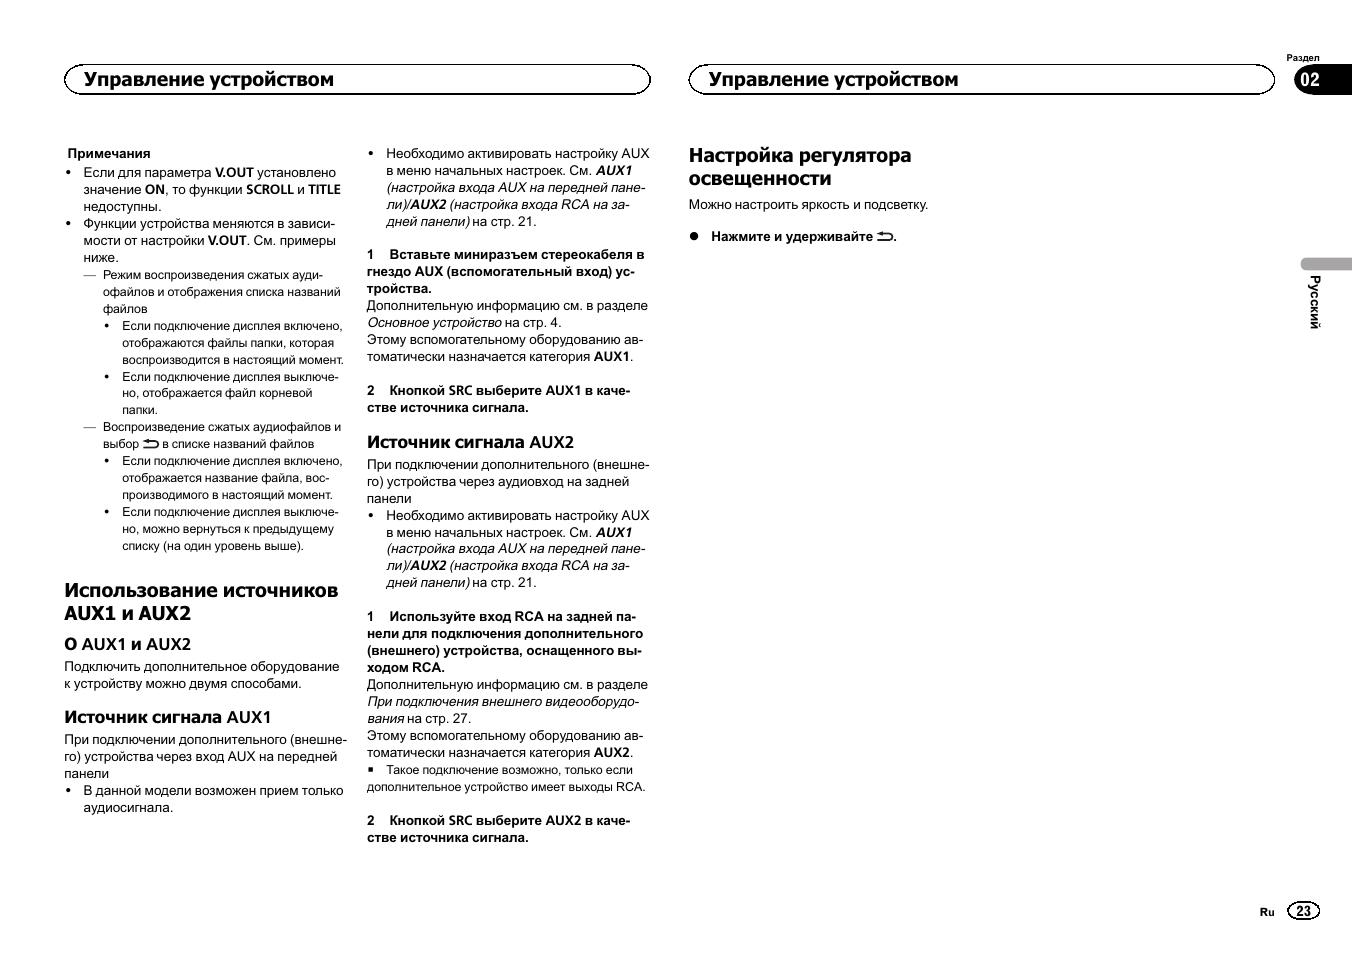 Использование источников aux1 и, Aux2, Настройка